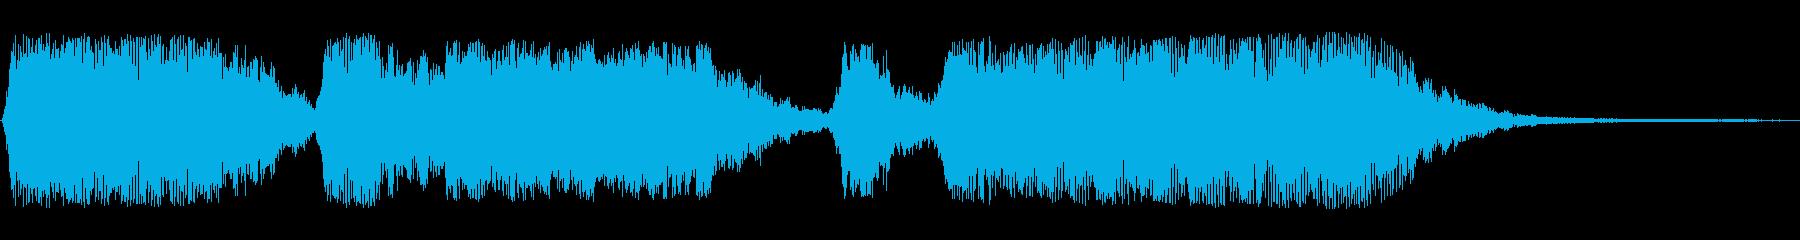 オープニング等シンセサイザーの効果音の再生済みの波形